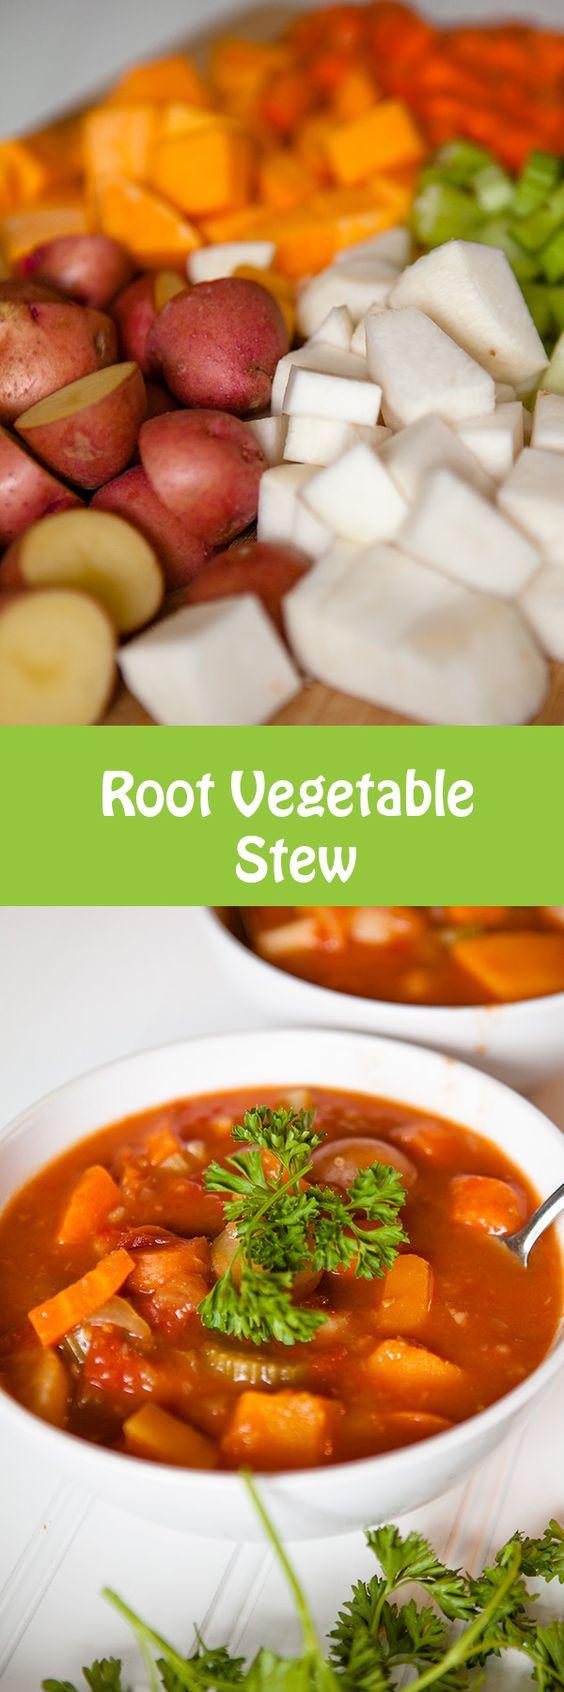 Vegan Root Vegetable Stew